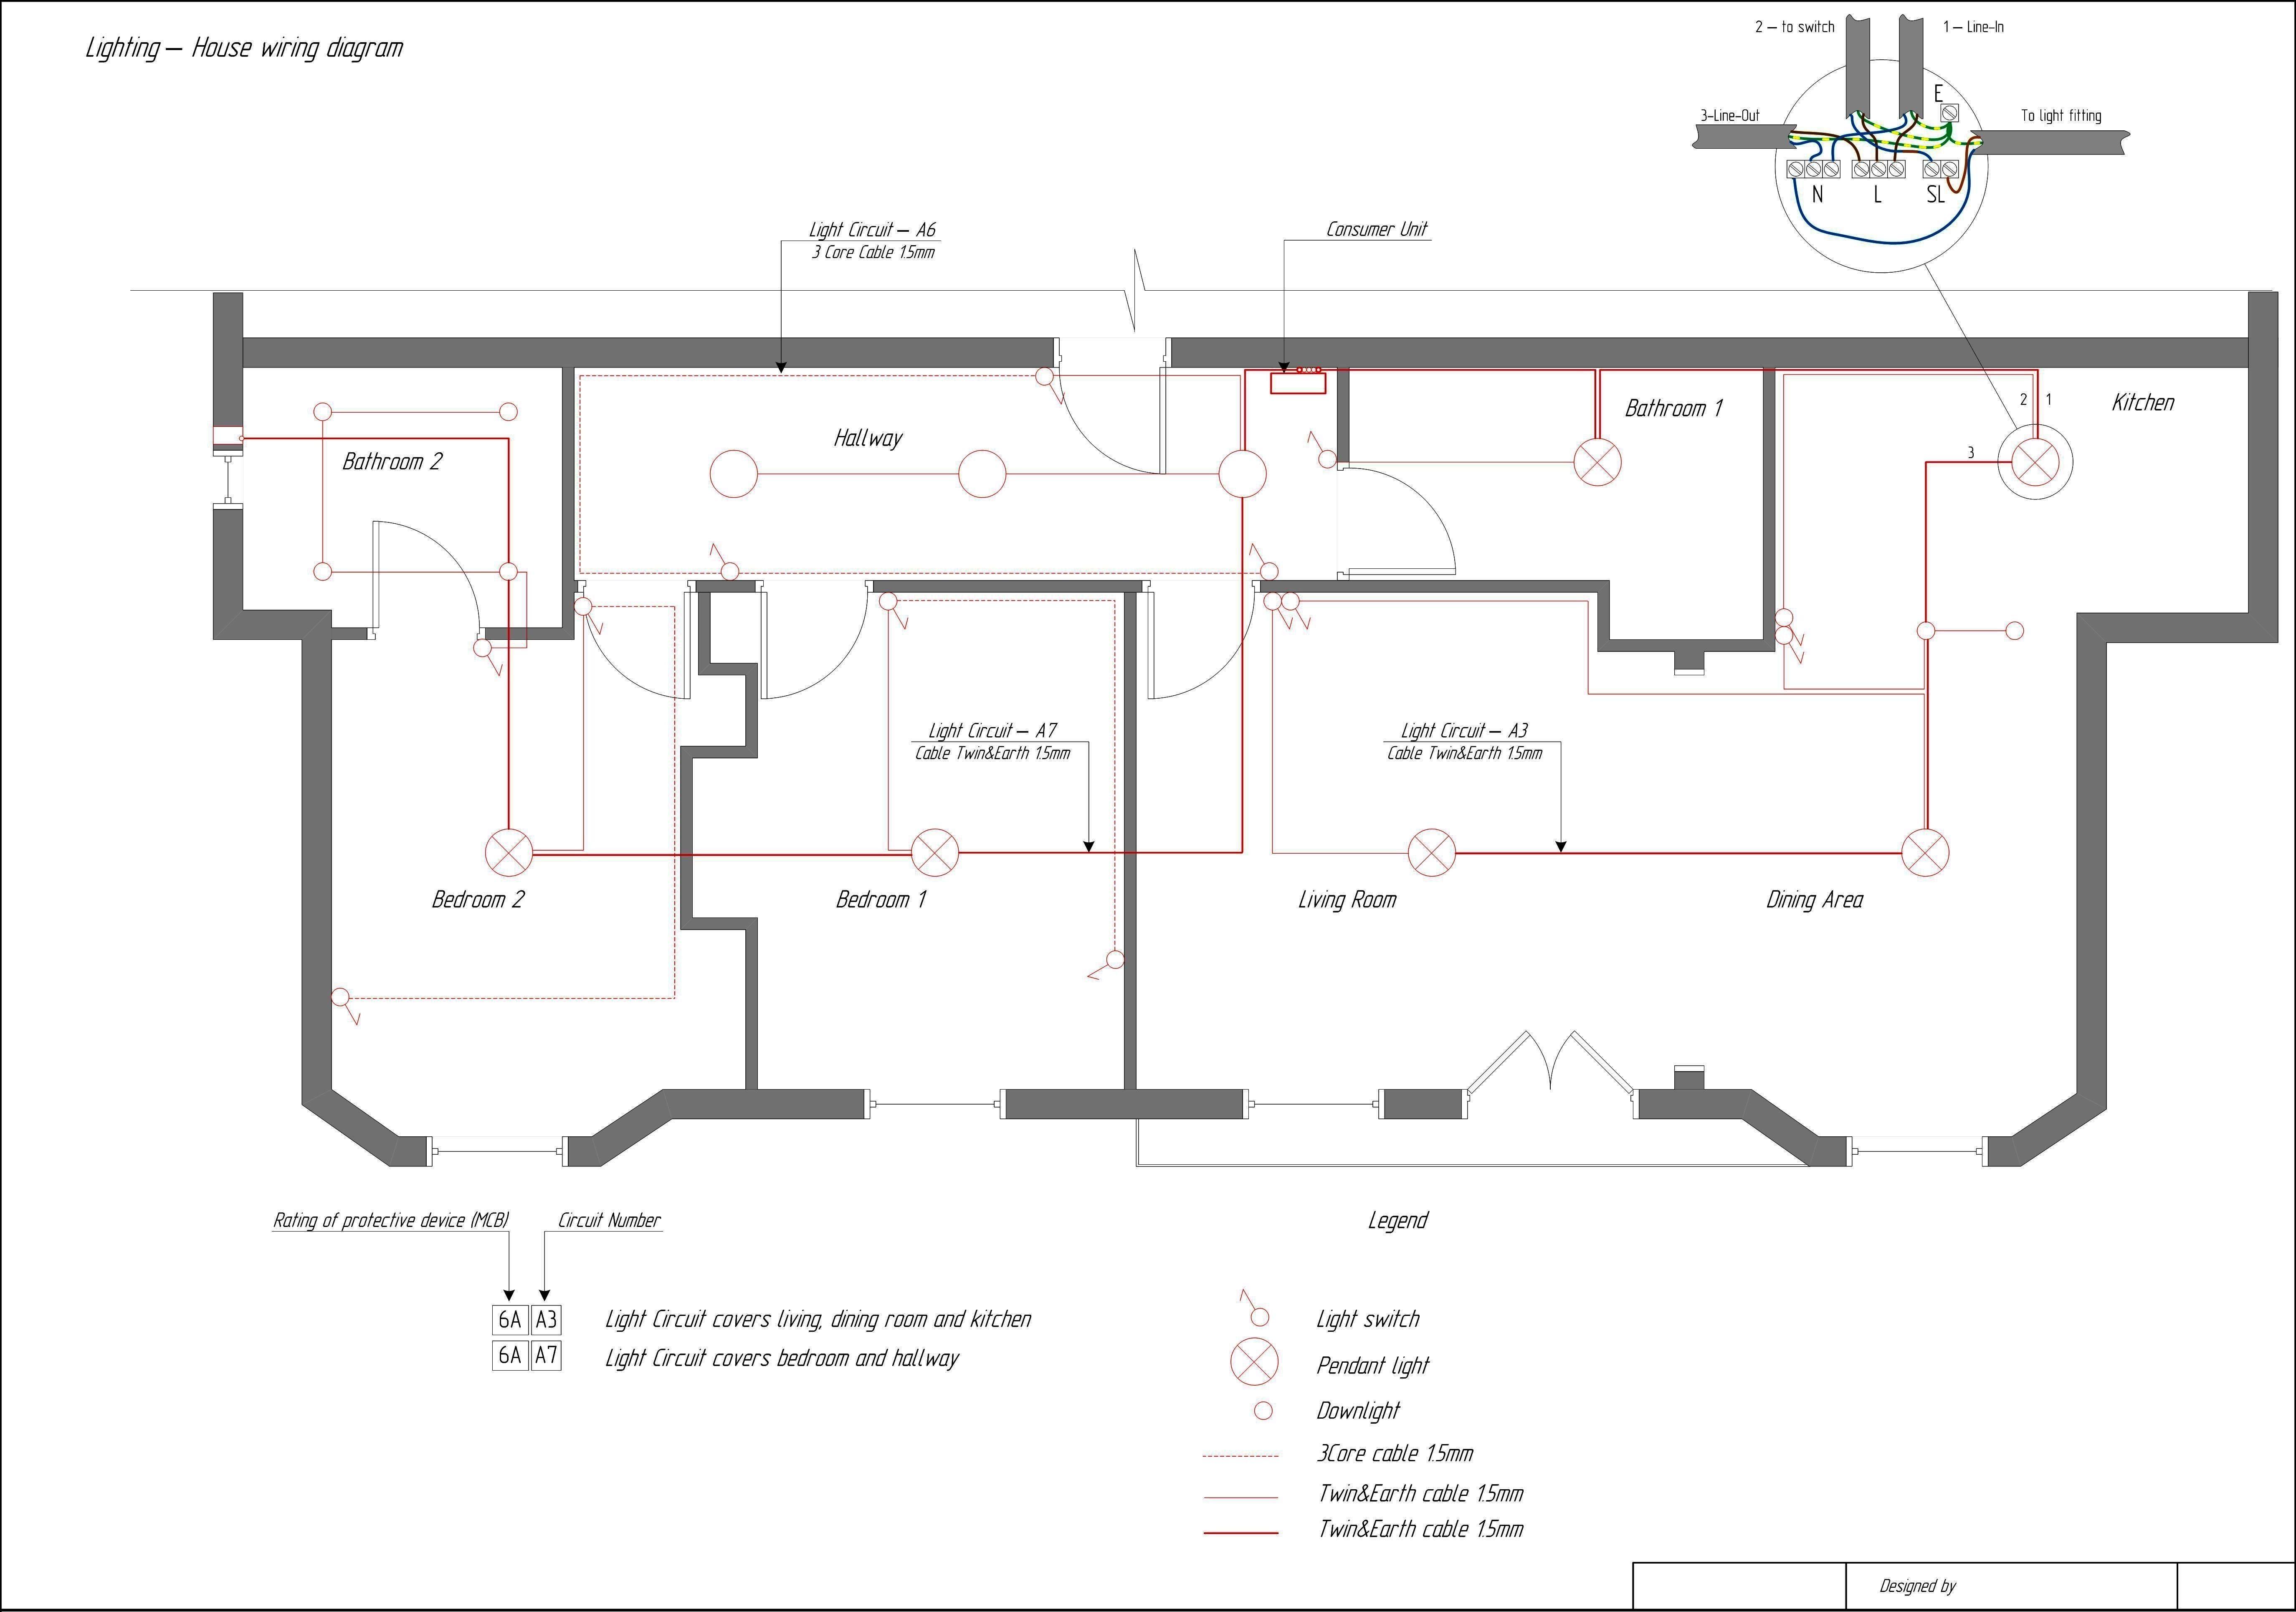 Unique House Wiring Diagram India Diagram